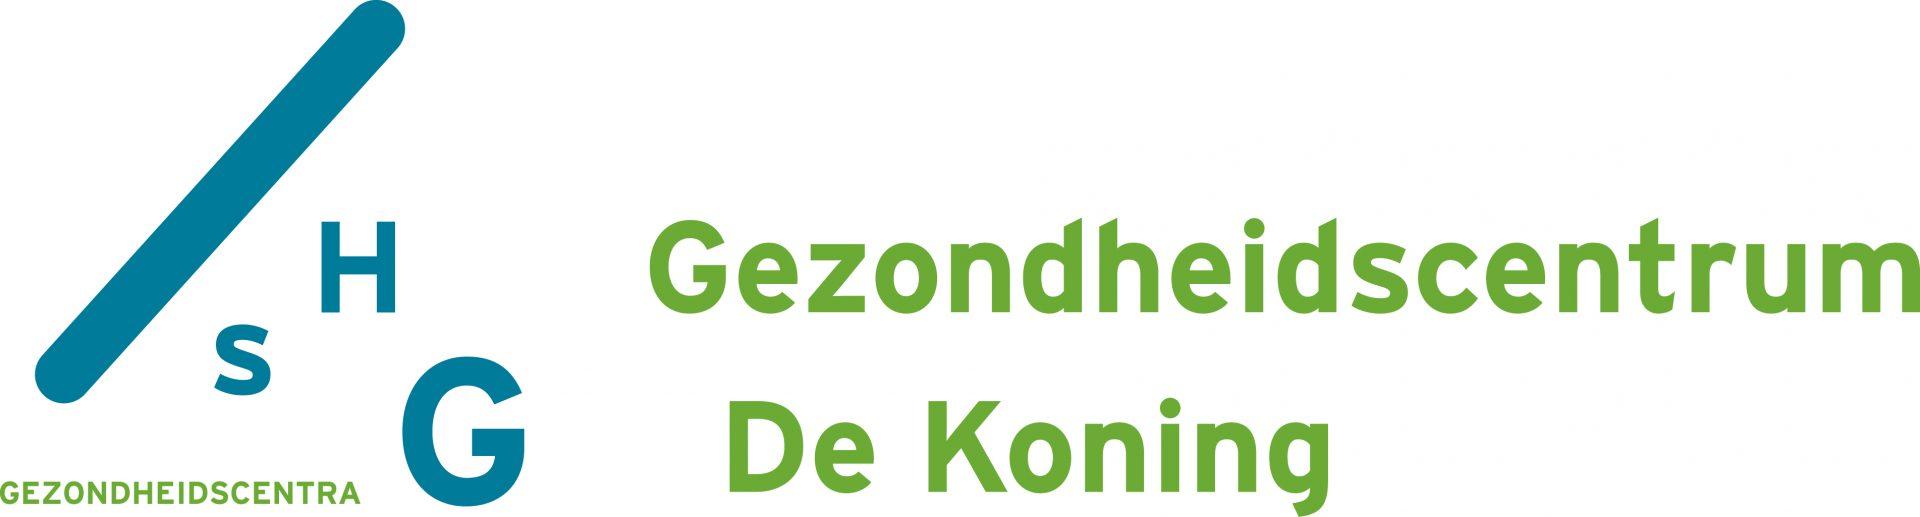 Sponsor Gezondheidscentrum Koningsstraat